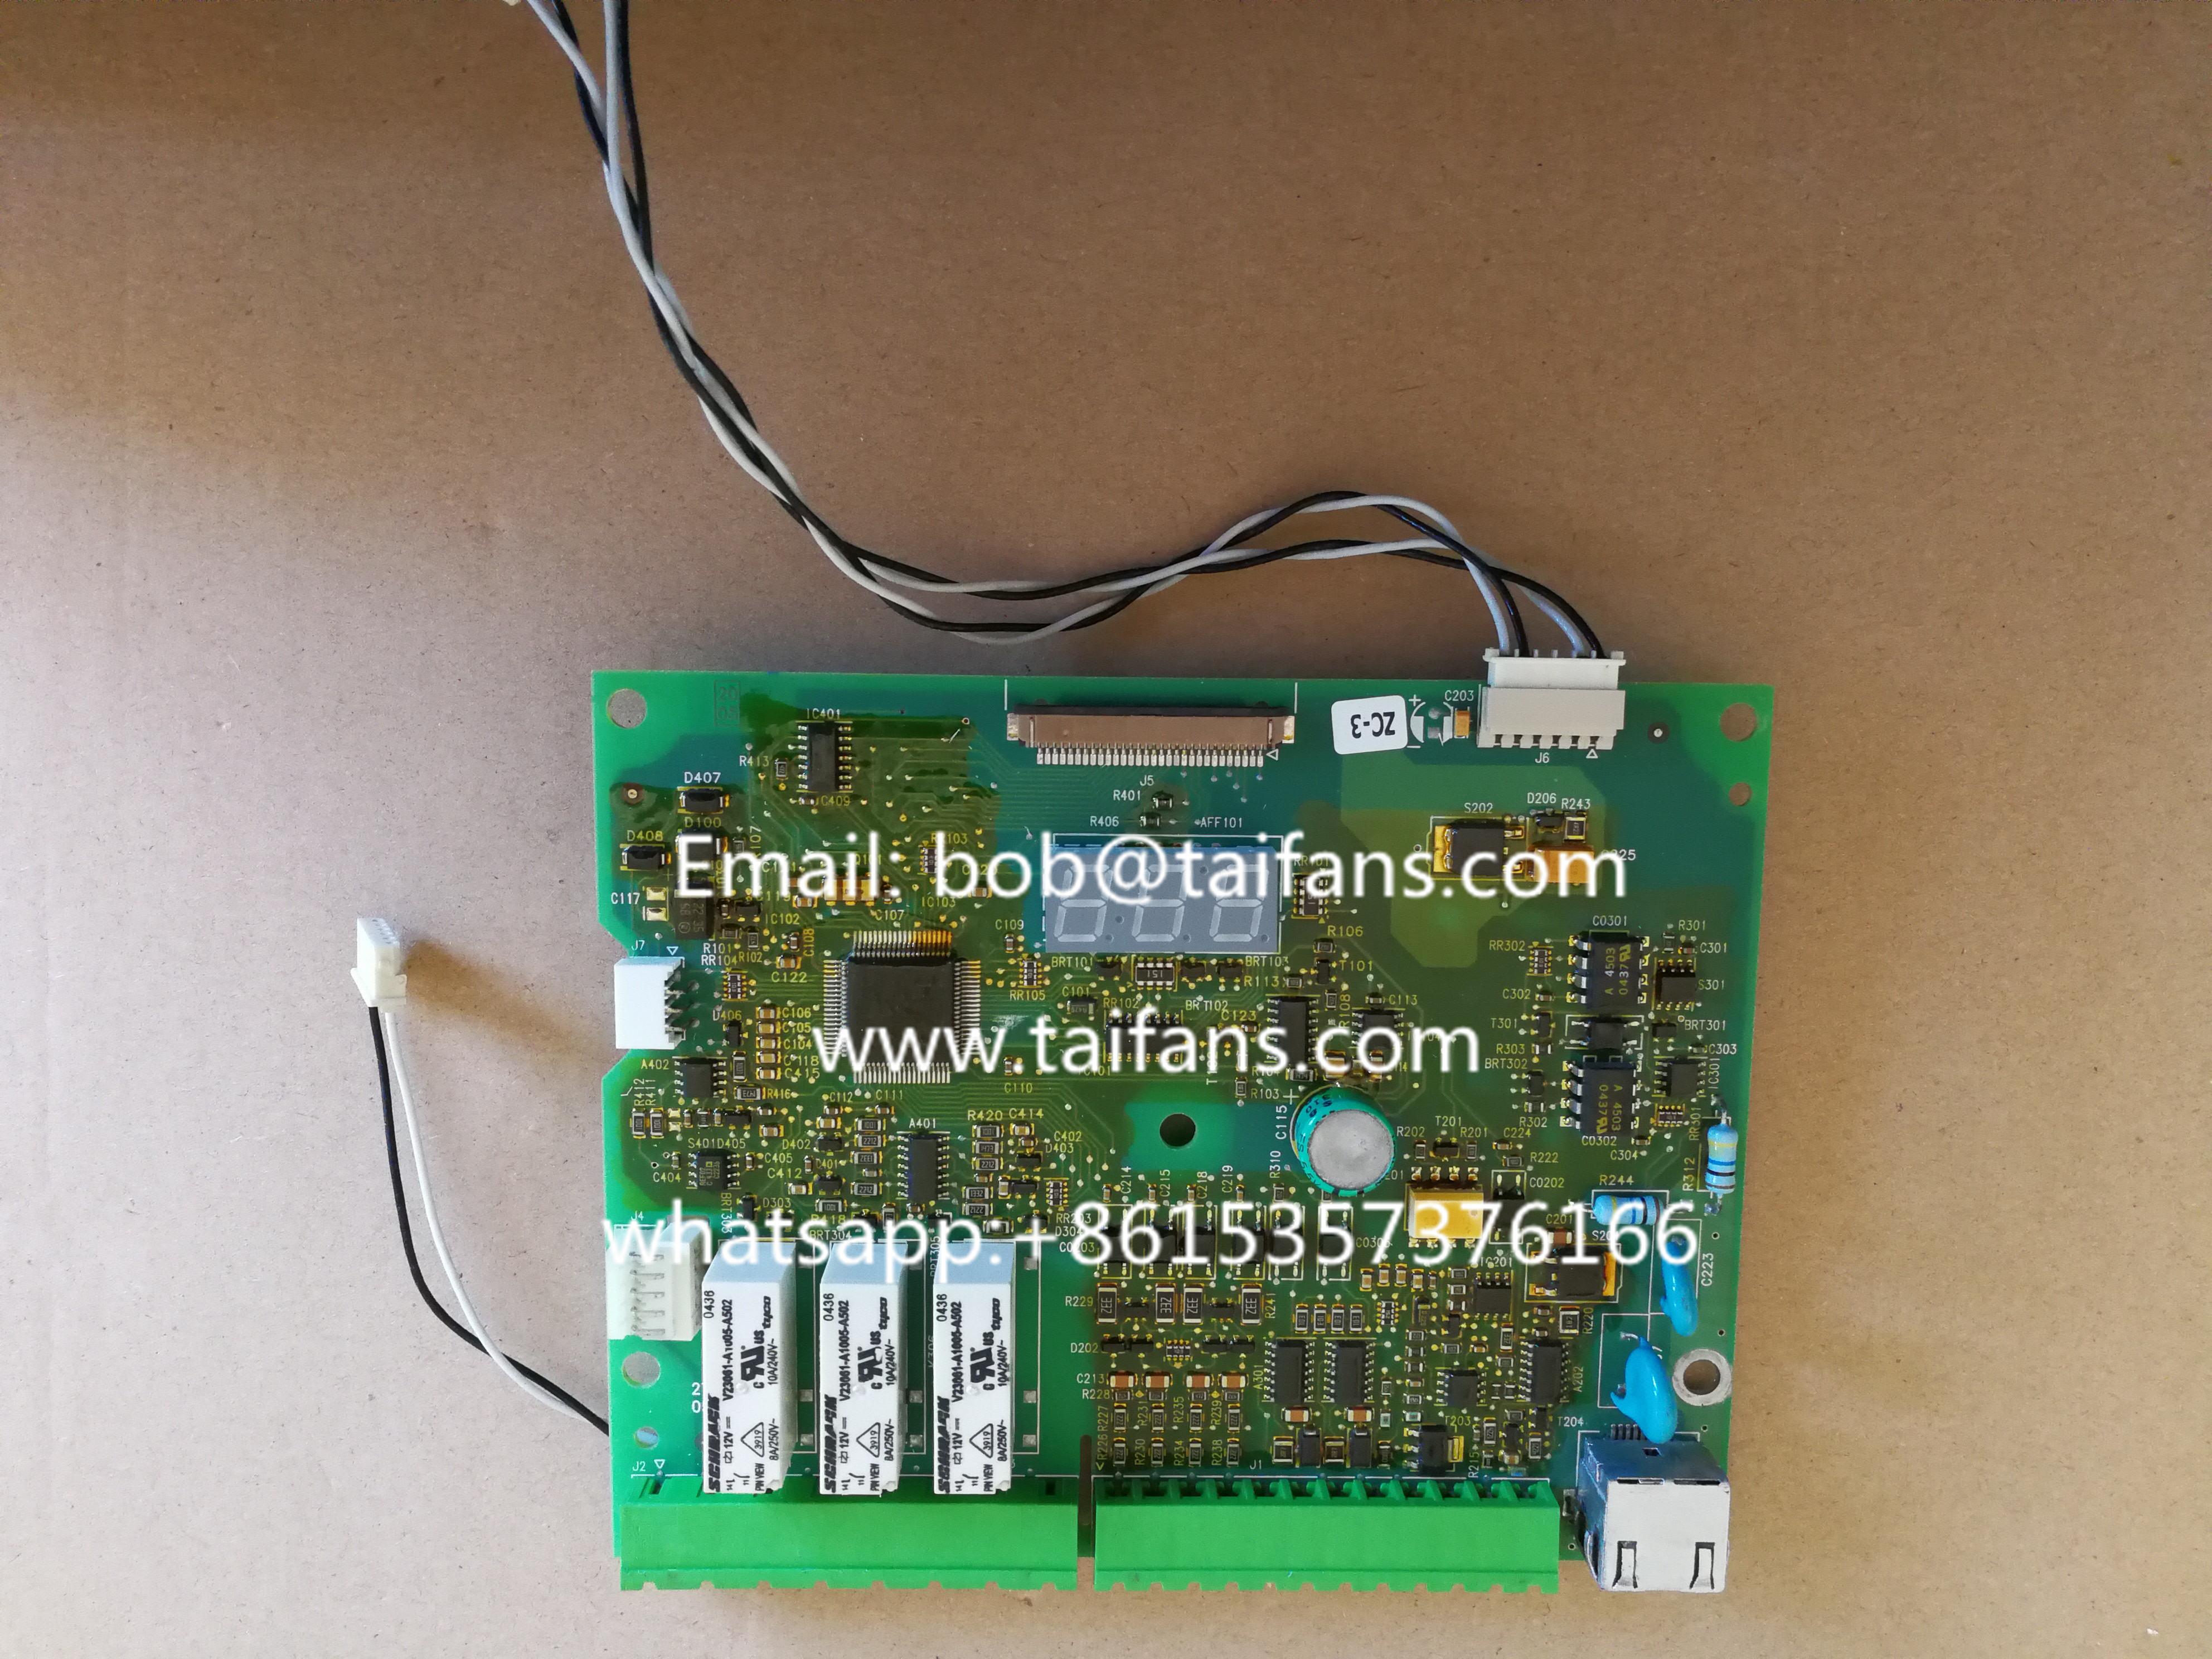 Originale nuovo ATS48 soft starter pannello di controllo VX4G481-in Componenti per climatizzatori da Elettrodomestici su AliExpress - 11.11_Doppio 11Giorno dei single 1